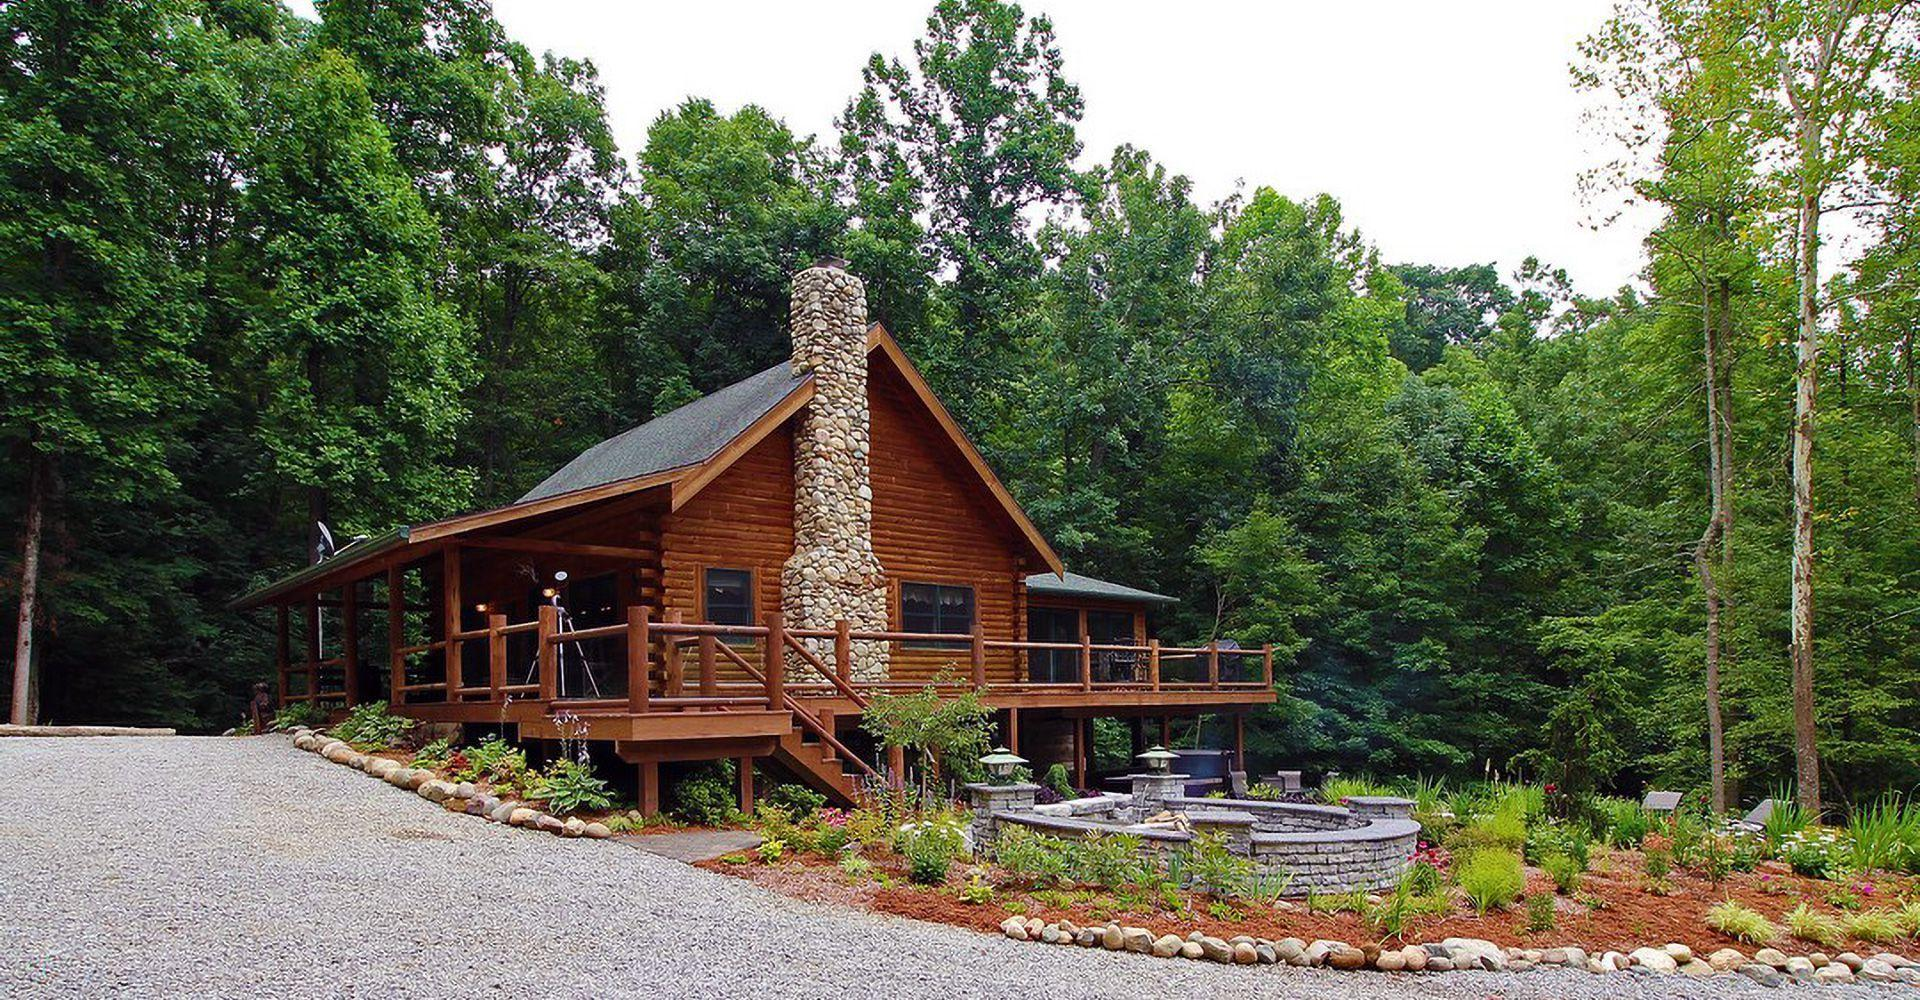 Ridgewater Private Lodge Hocking hills